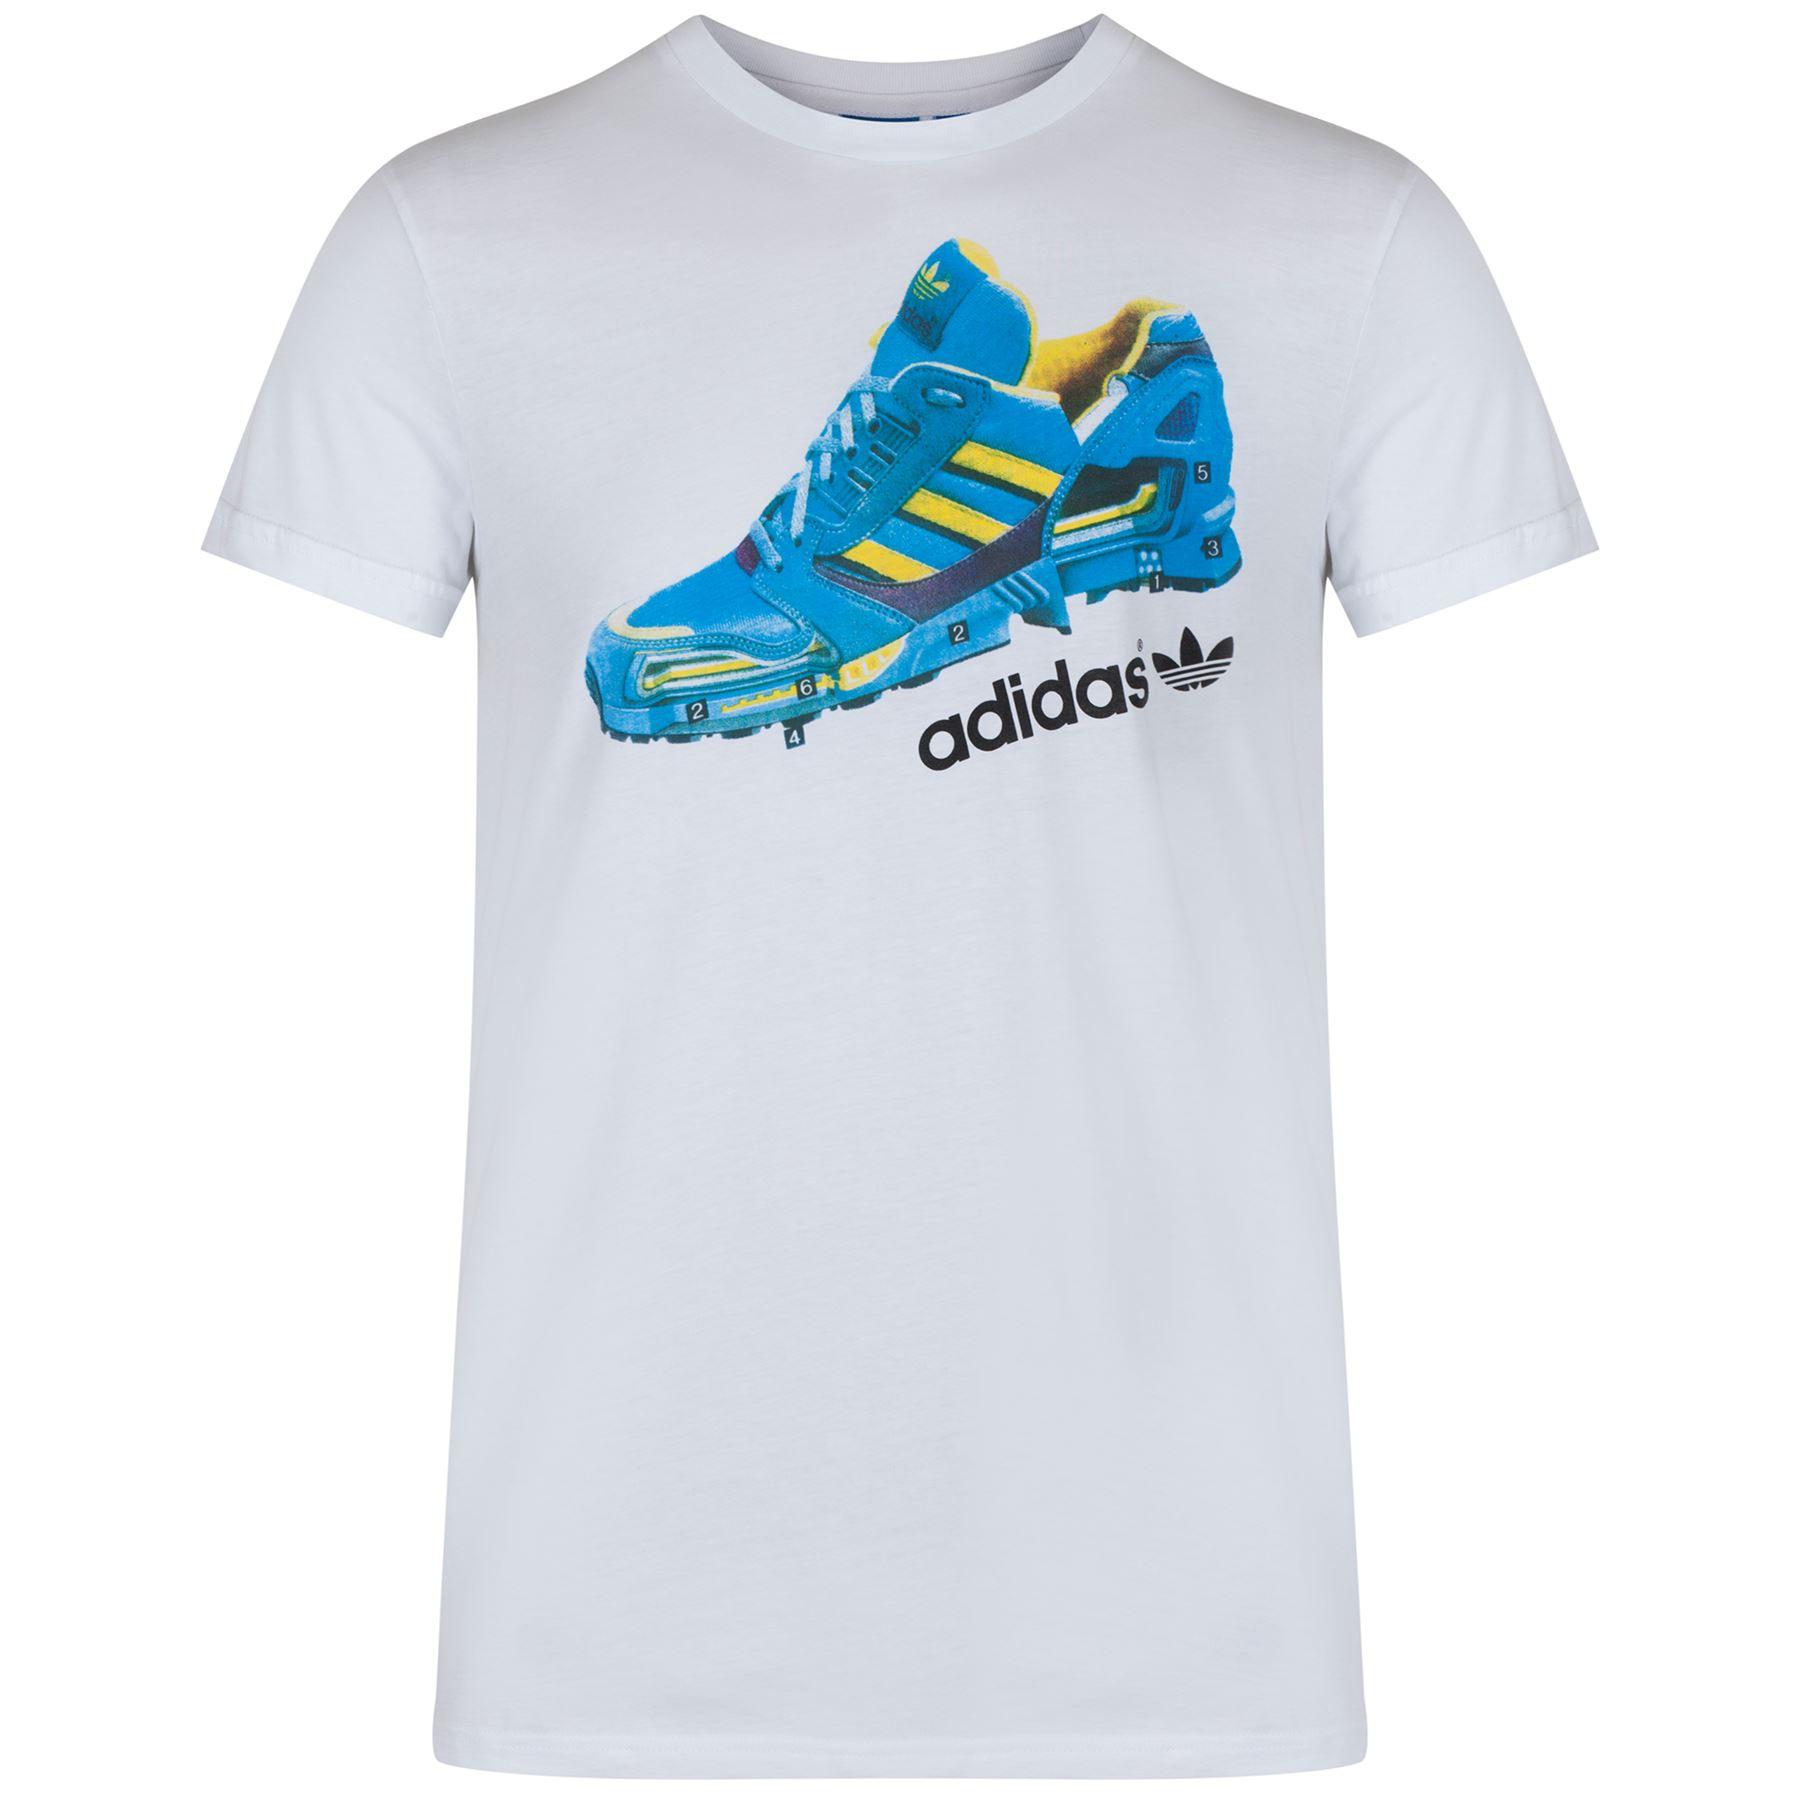 T shirt adidas white - Adidas Originals Men S Zx Treking T Shirt White Blue Zx 8000 Sizes Xs Xl B Grade